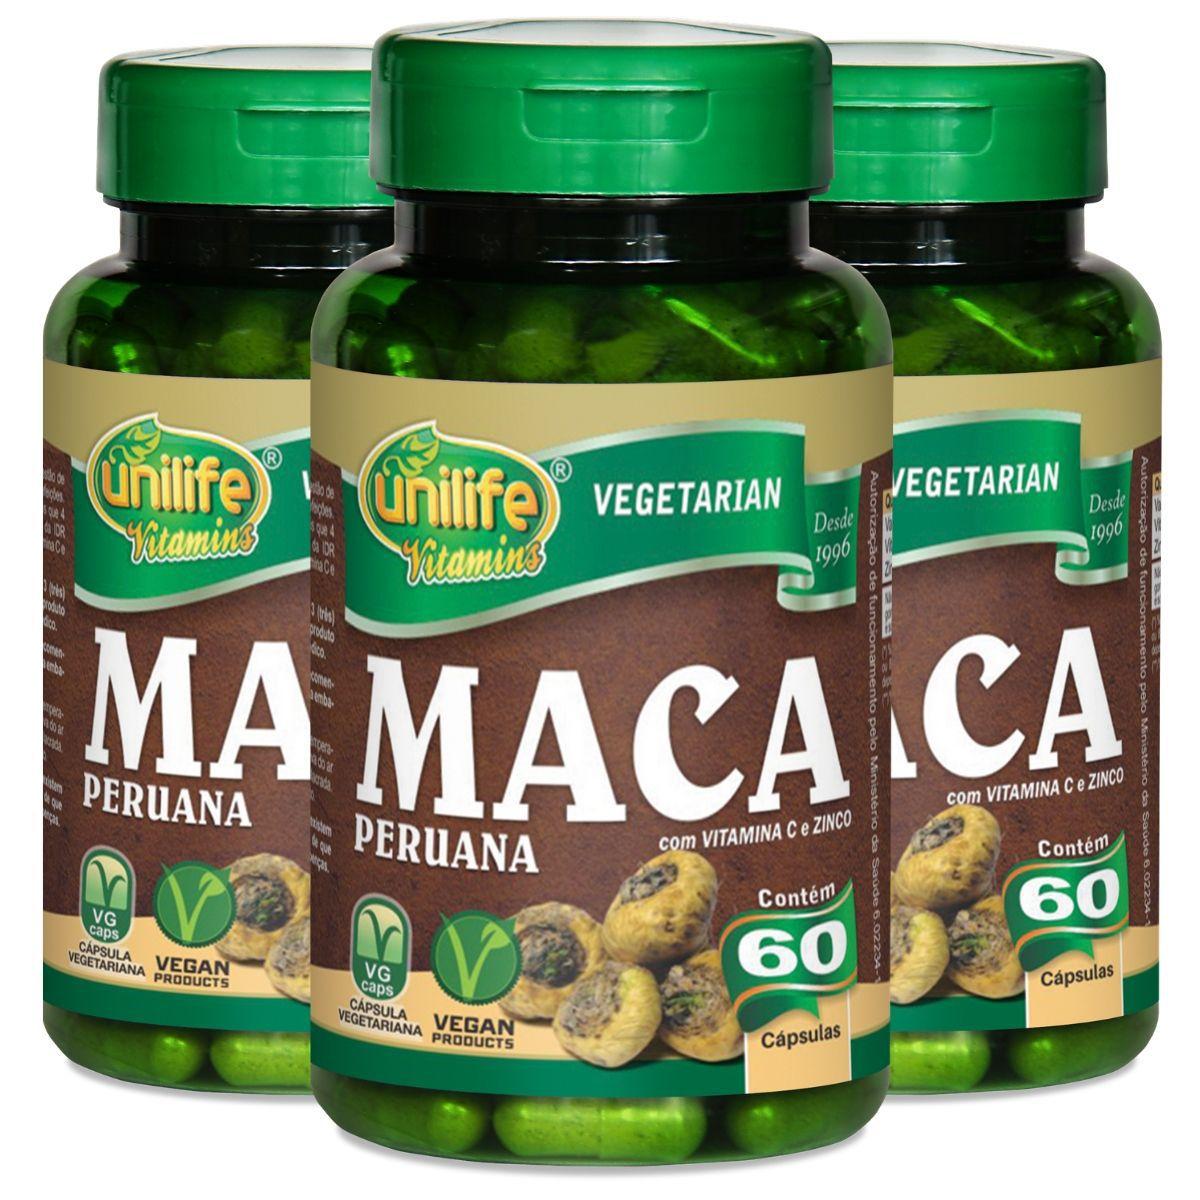 Kit 3 Maca Peruana C/ Vitaminas 550mg 60 Cápsulas - Unilife